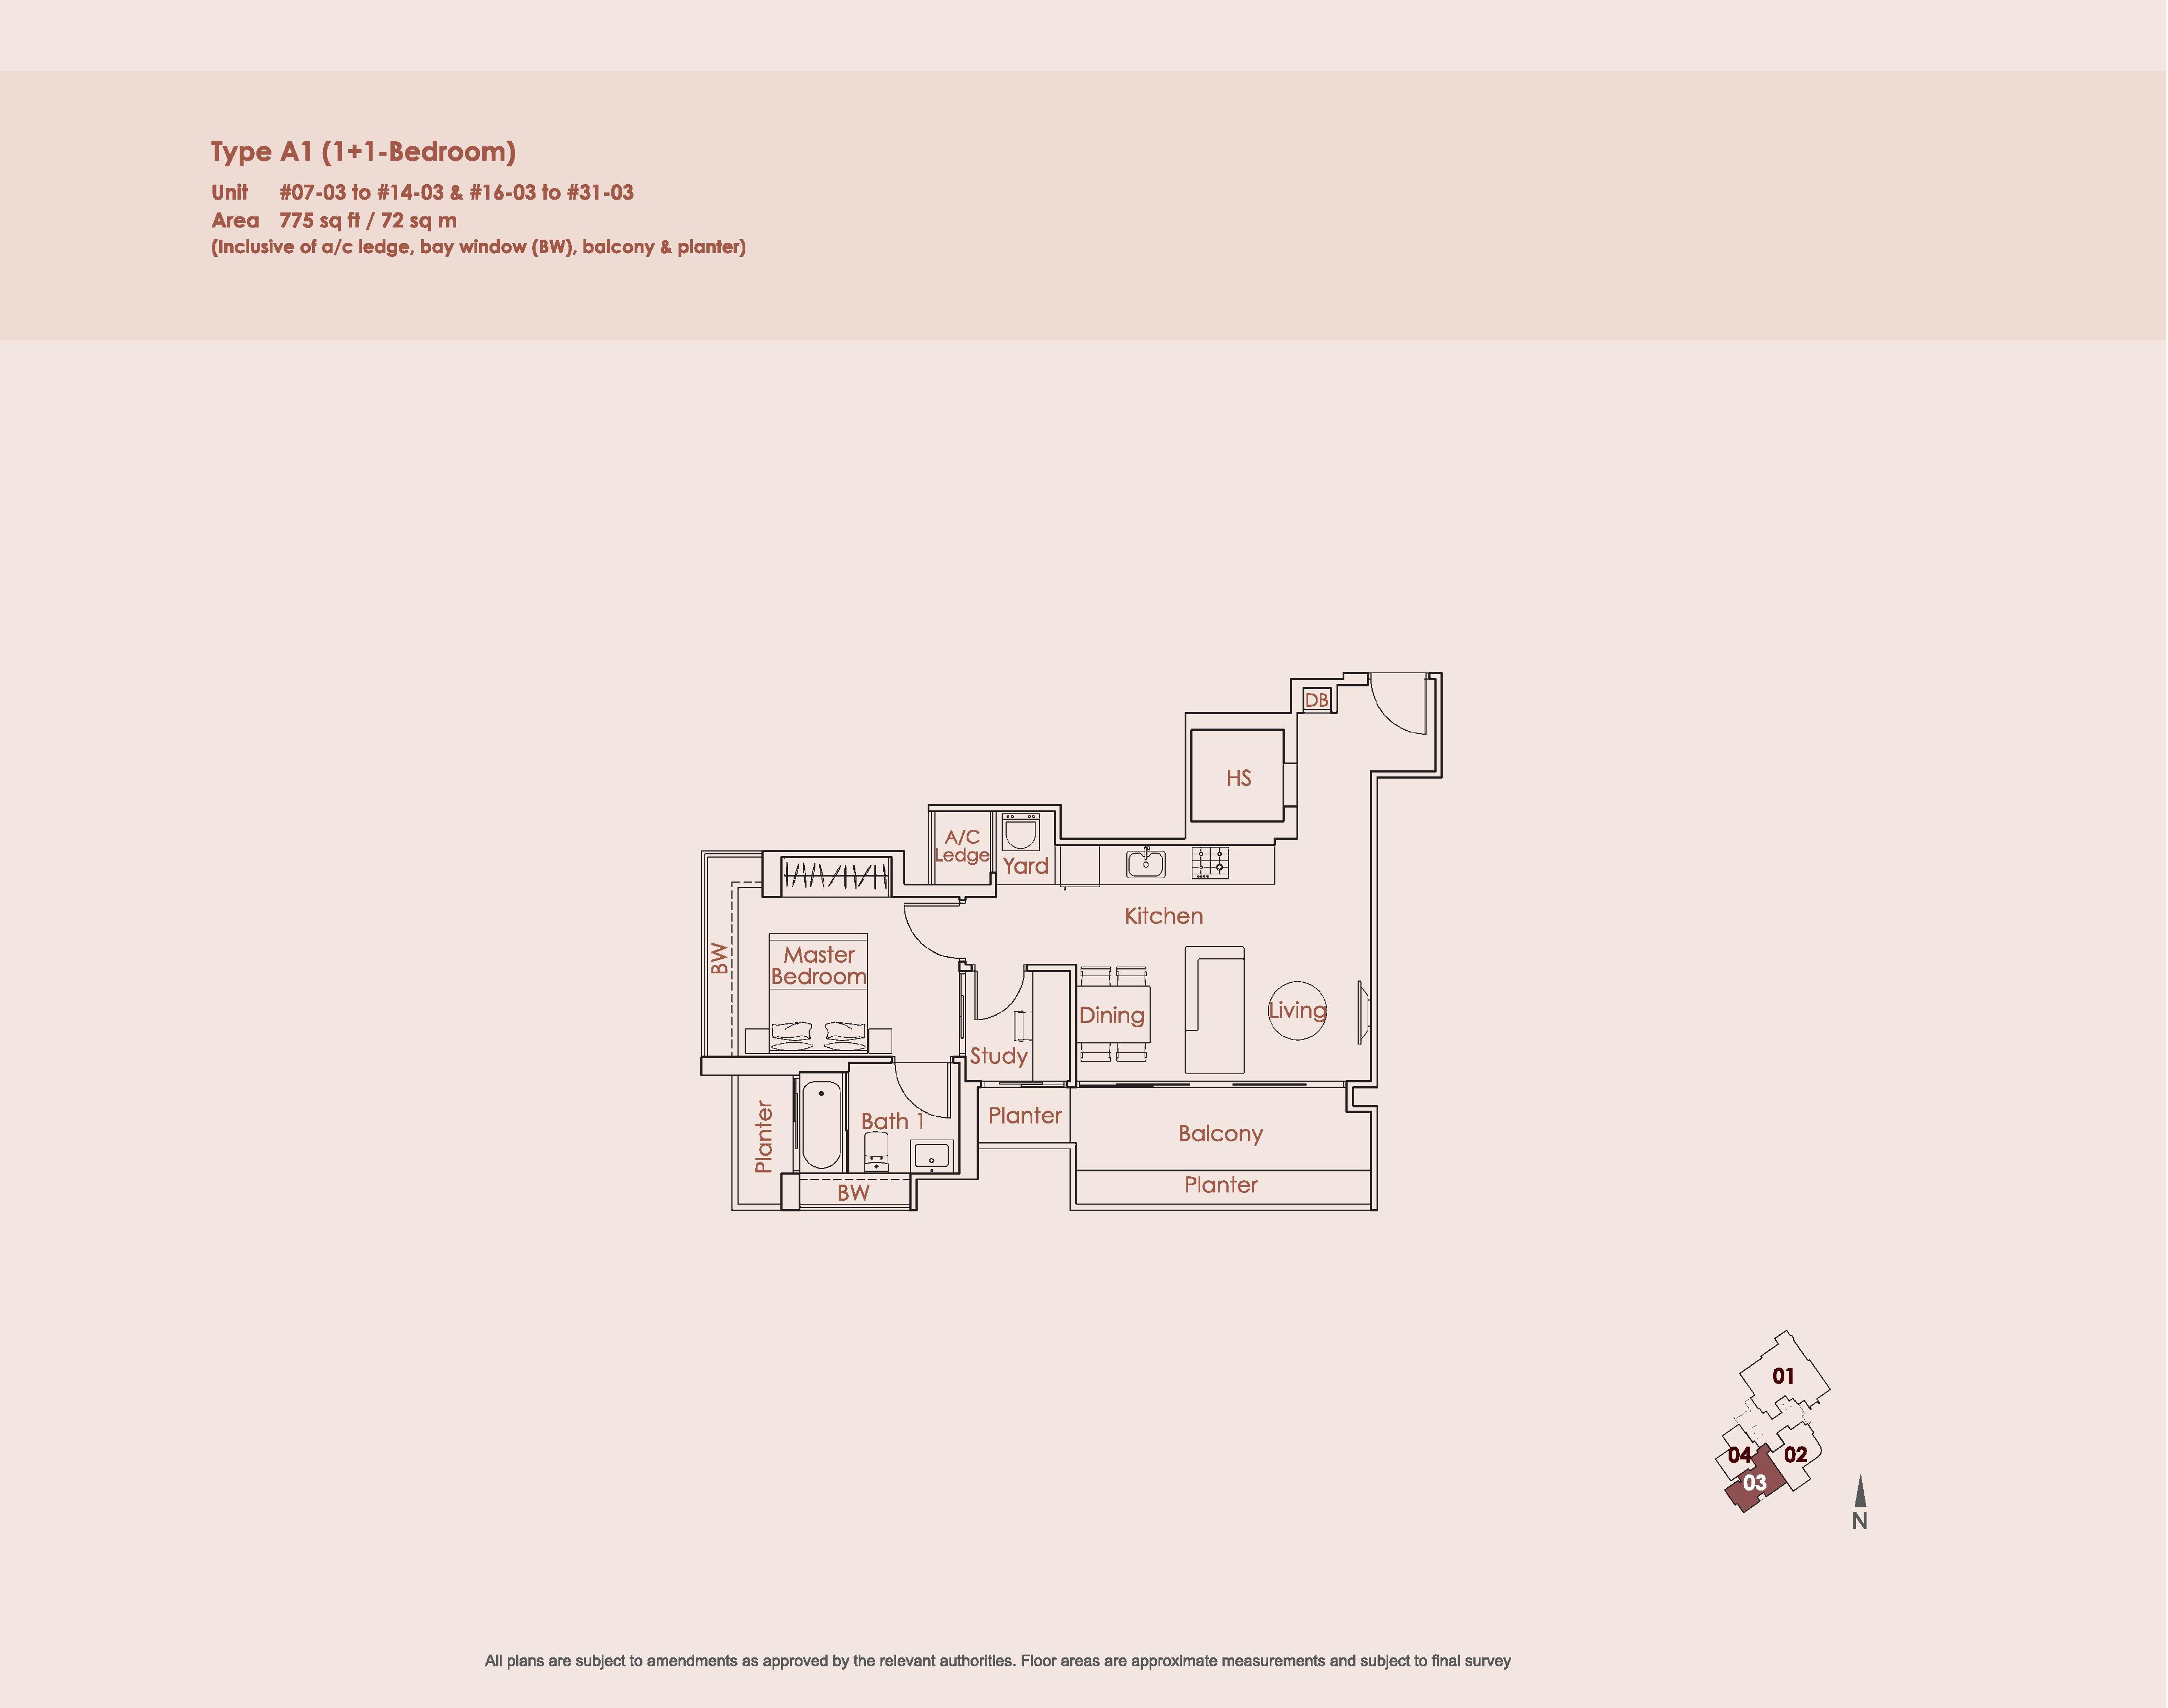 Starlight Suites Type A1 1 Bedroom + Study Floor Plan